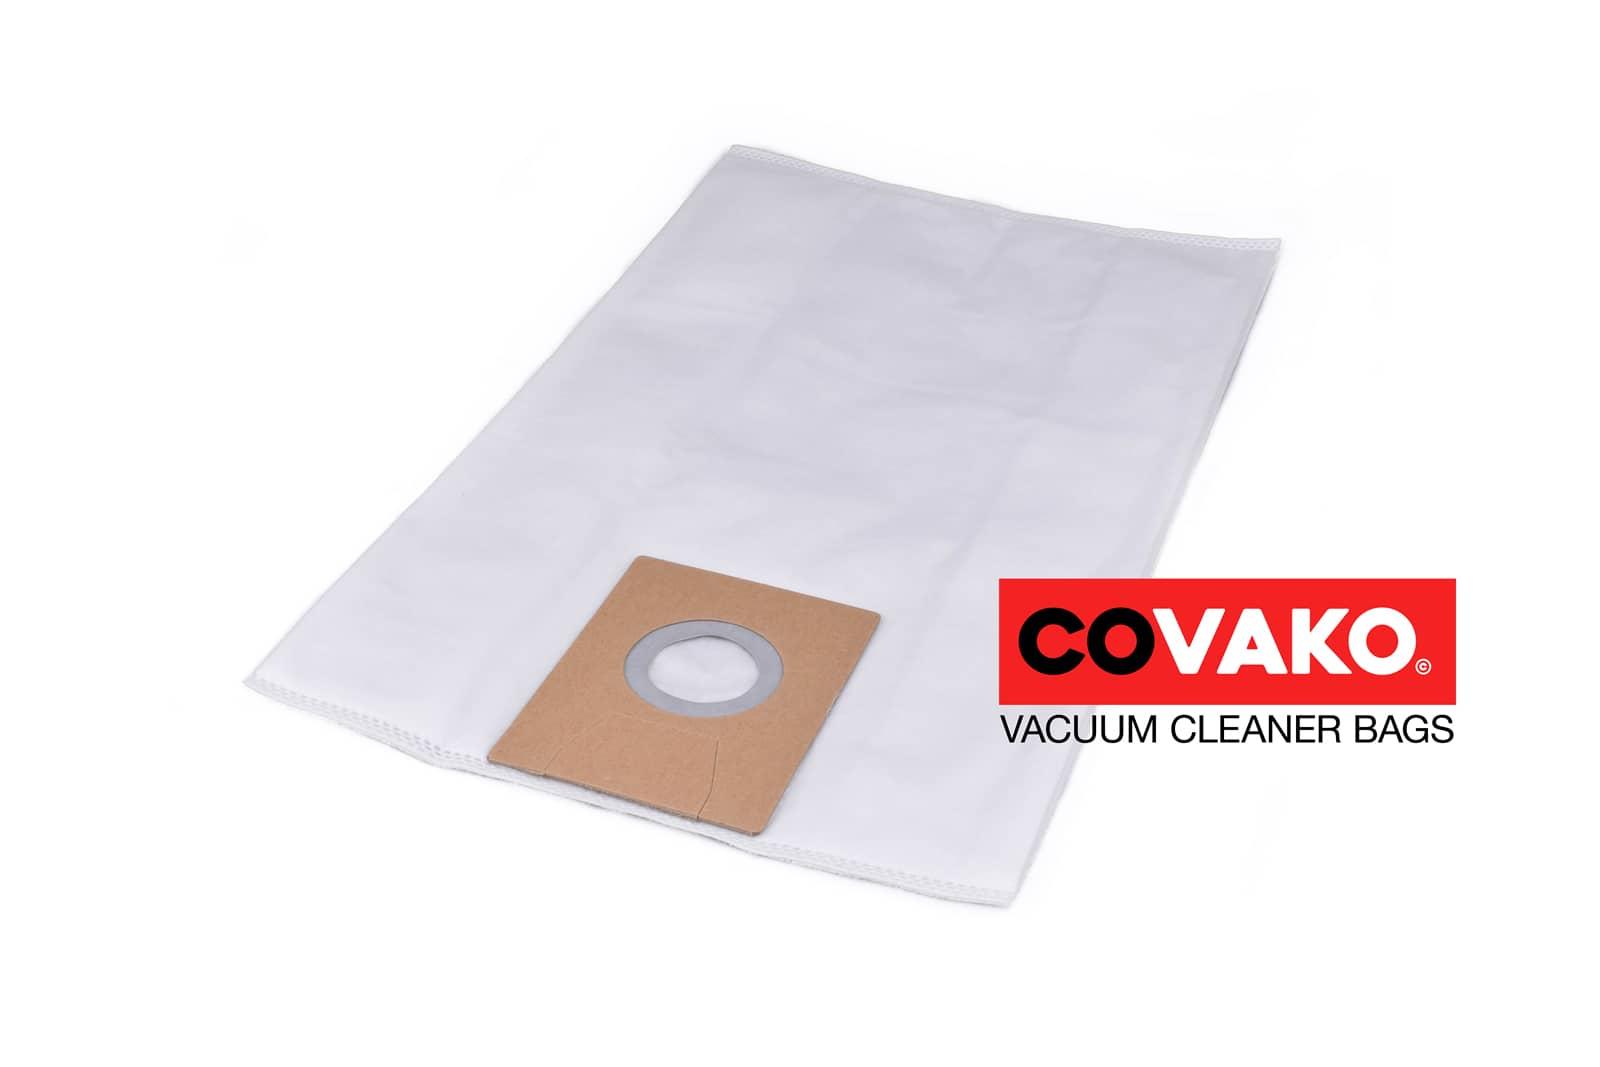 Elsea F 1003 C / Synthesis - Elsea vacuum cleaner bags